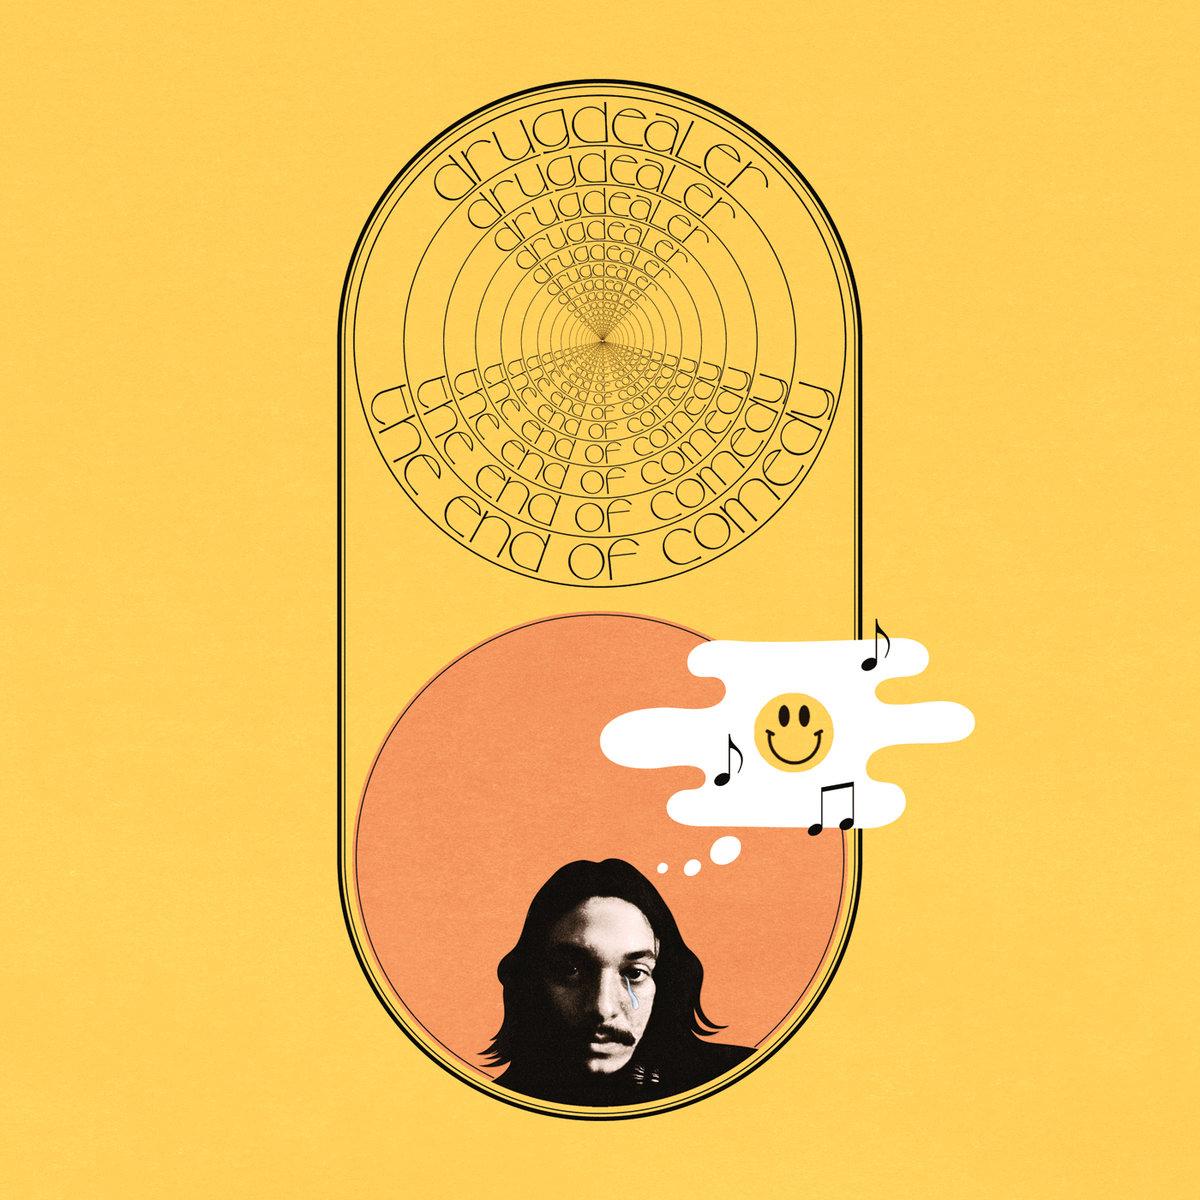 Drugdealer – Drugdealer – The End Of Comedy